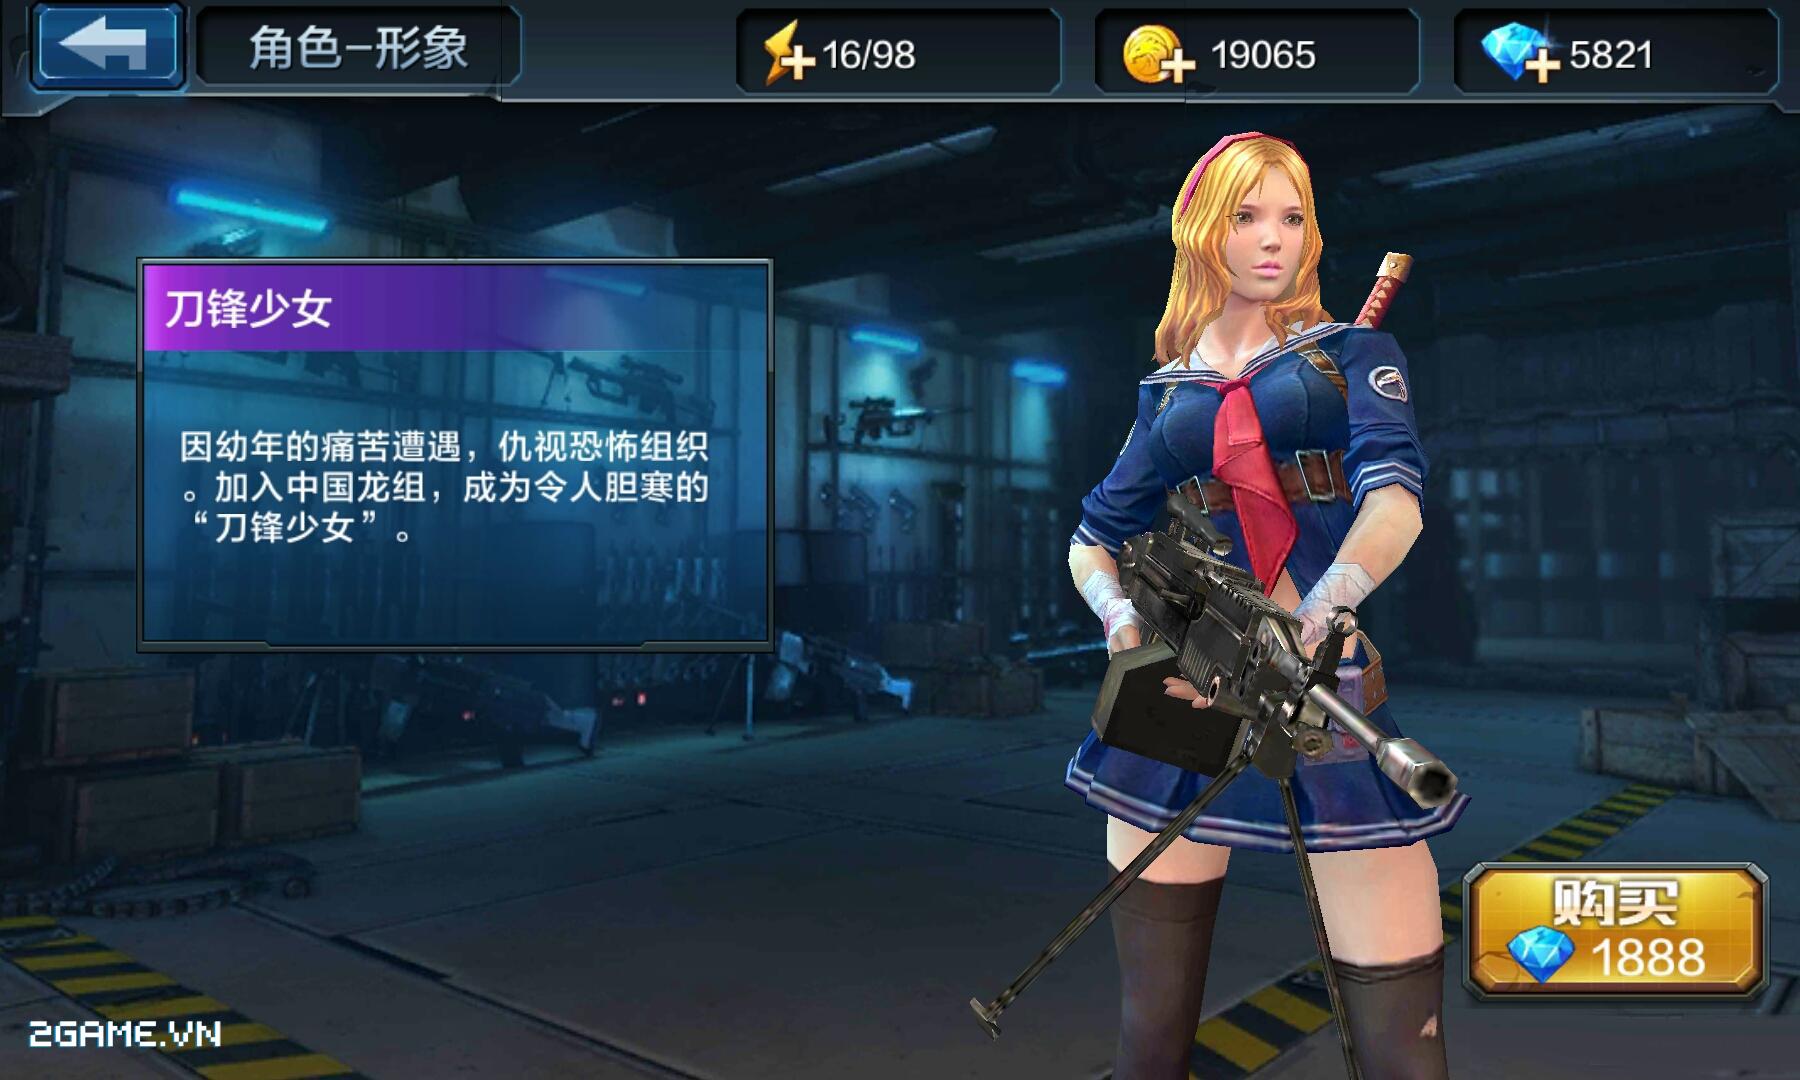 Chiến Dịch Huyền Thoại sẽ khiến bạn phải nghĩ khác về game mobile 0